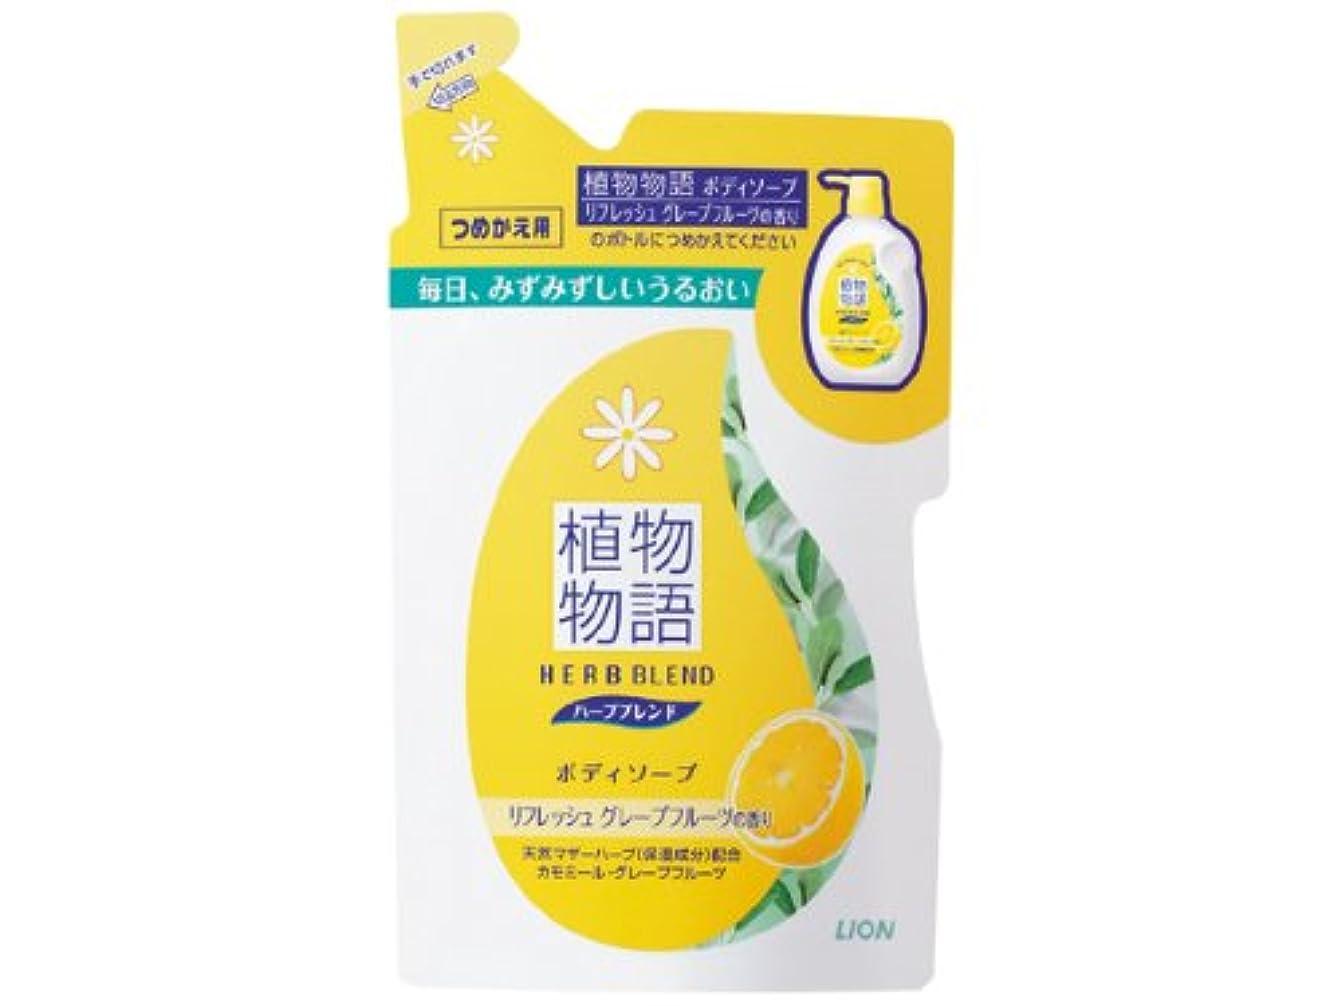 のためリム漂流植物物語 ハーブブレンド ボディソープ リフレッシュグレープフルーツの香り つめかえ用 420ml